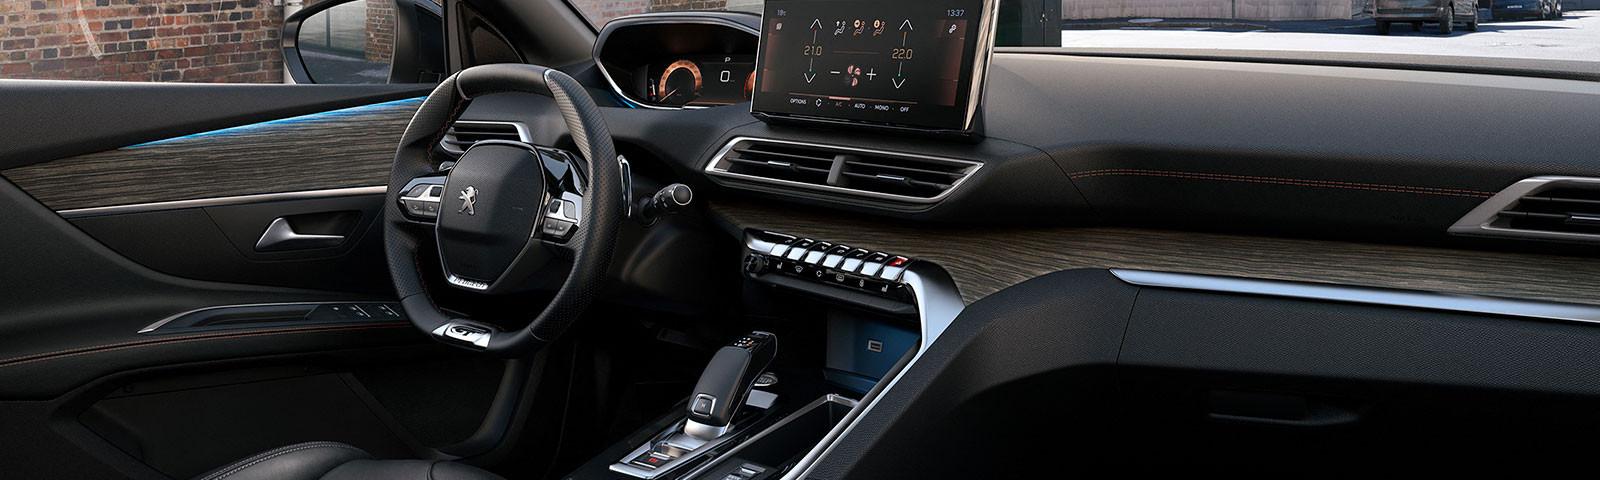 Nuevo SUV PEUGEOT 5008, diseñado para ir más allá